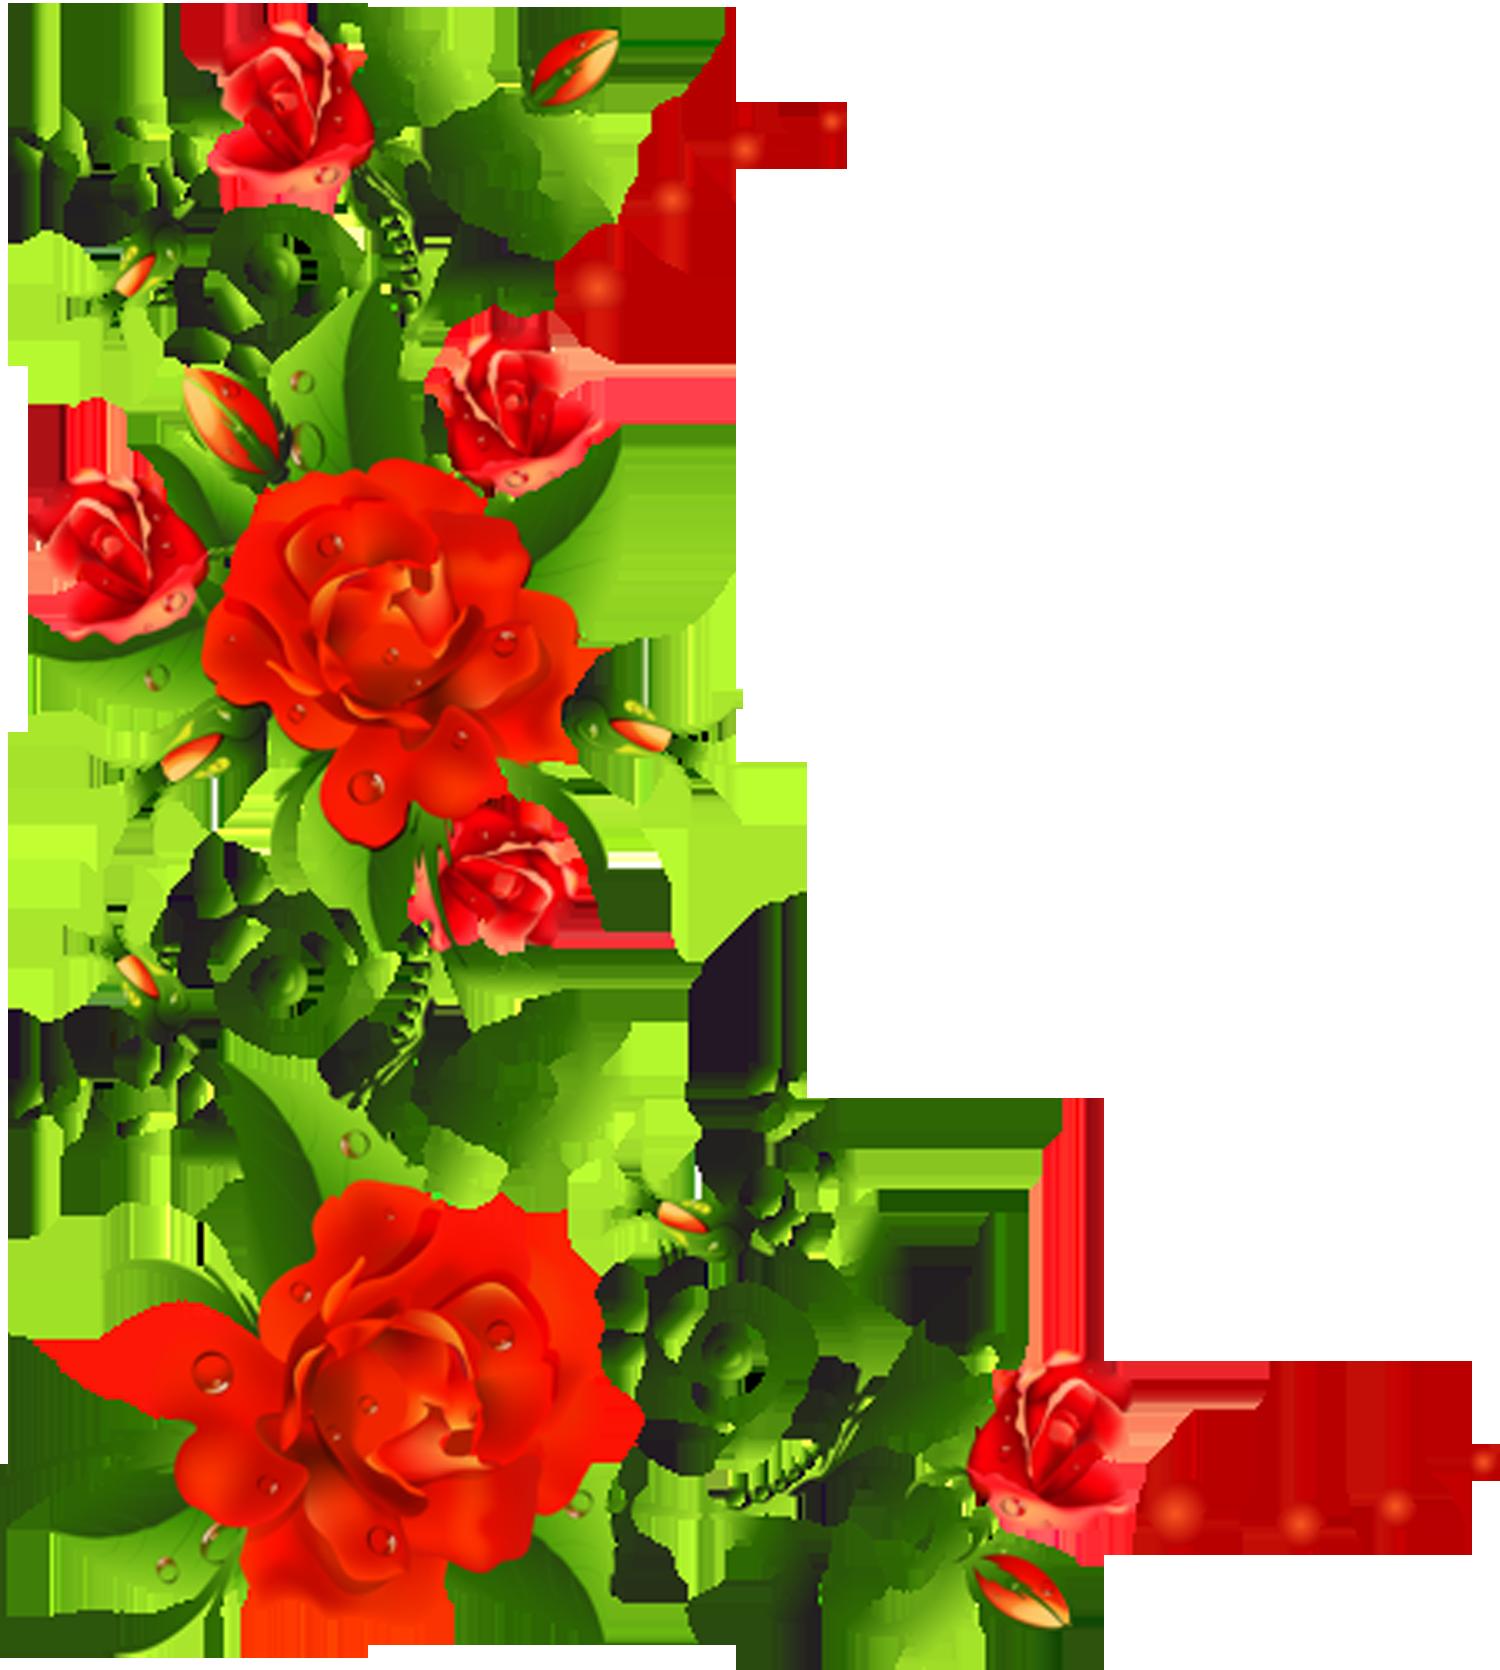 Pin De Irene Madding Em Boda Arte Flor Pinturas De Flores Rosas Vermelhas